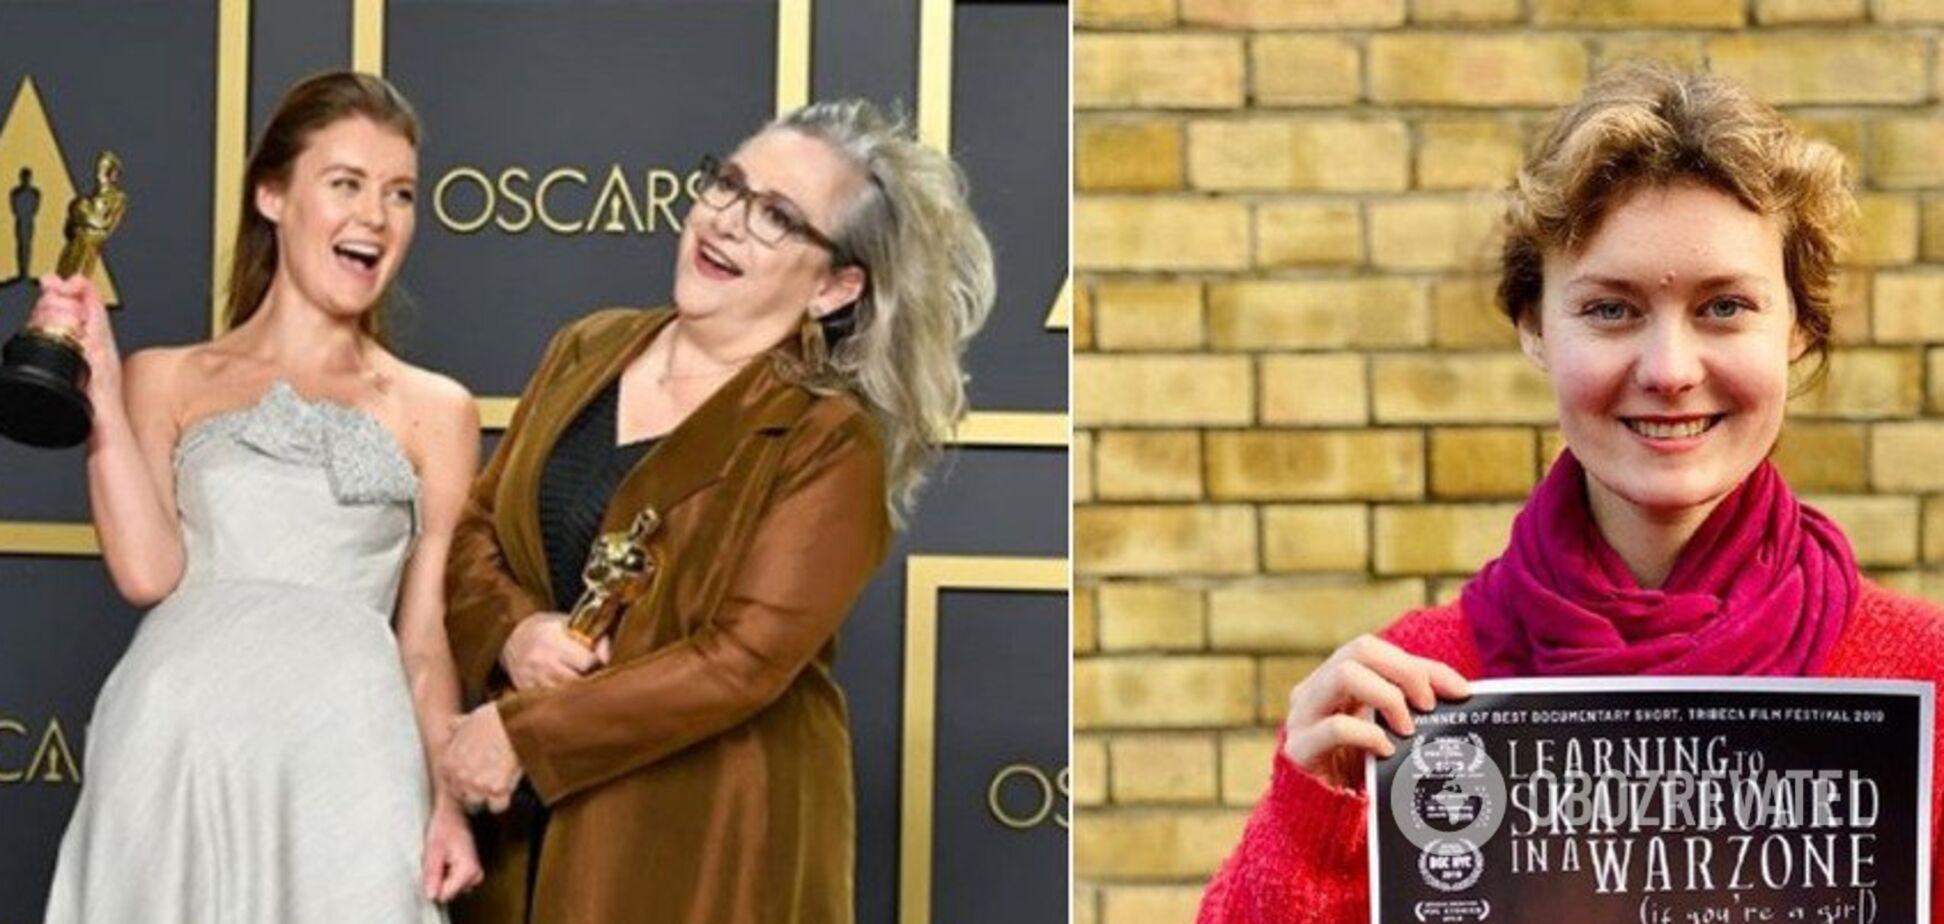 Украинка получила 'Оскар' в престижной номинации: кто она